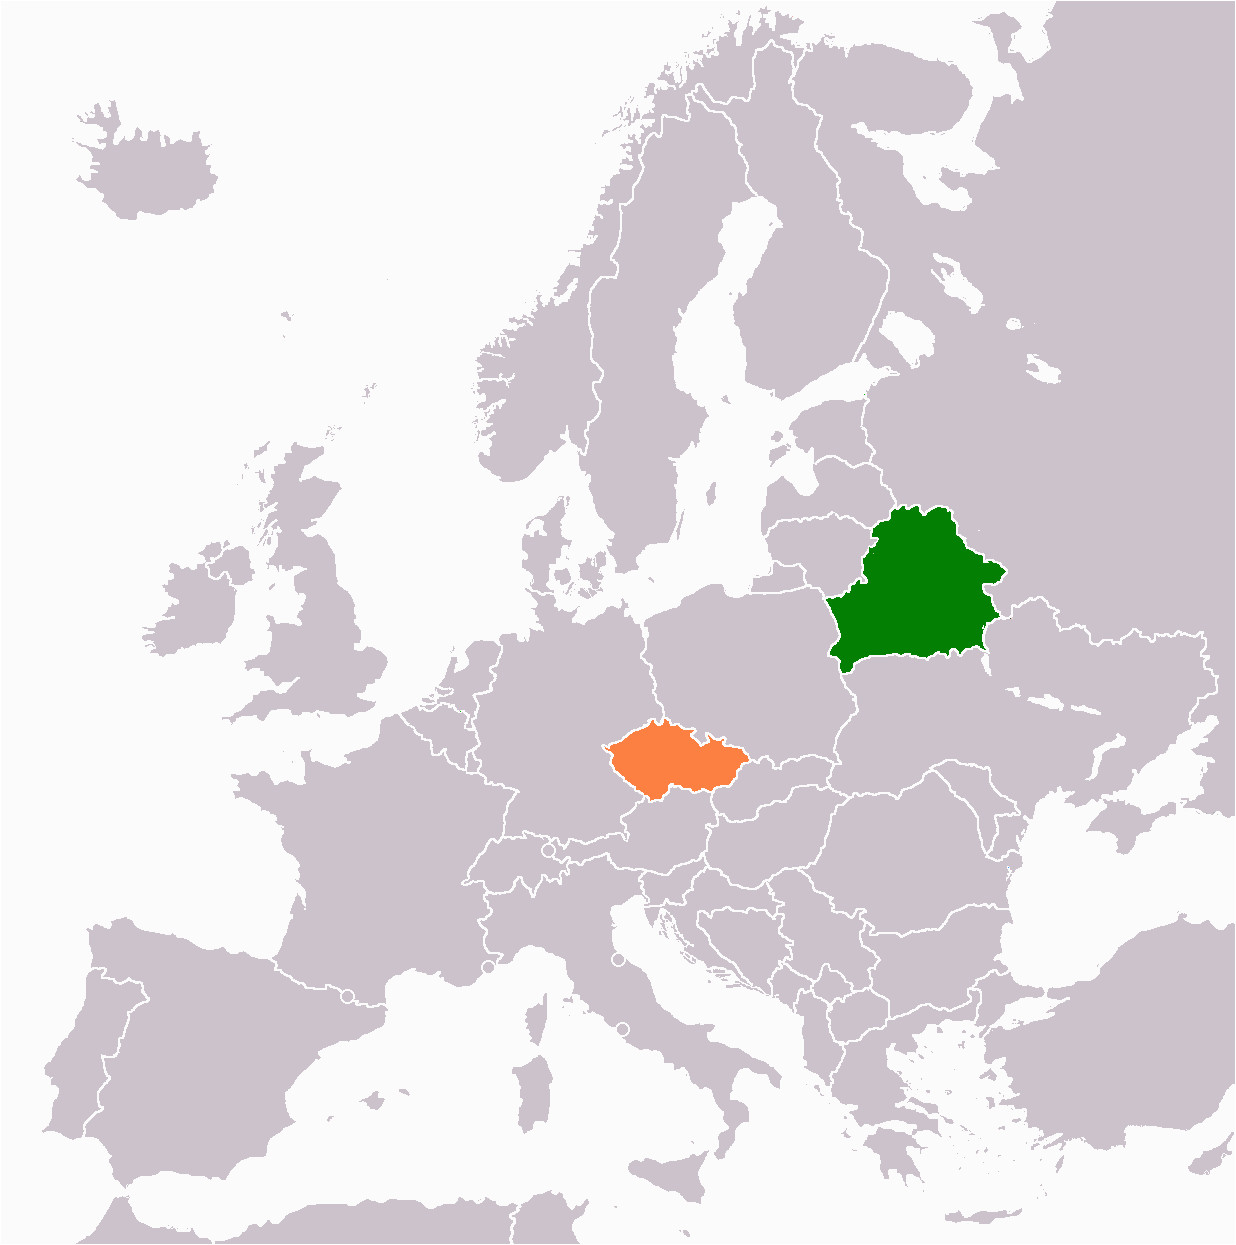 belarus czech republic relations wikipedia